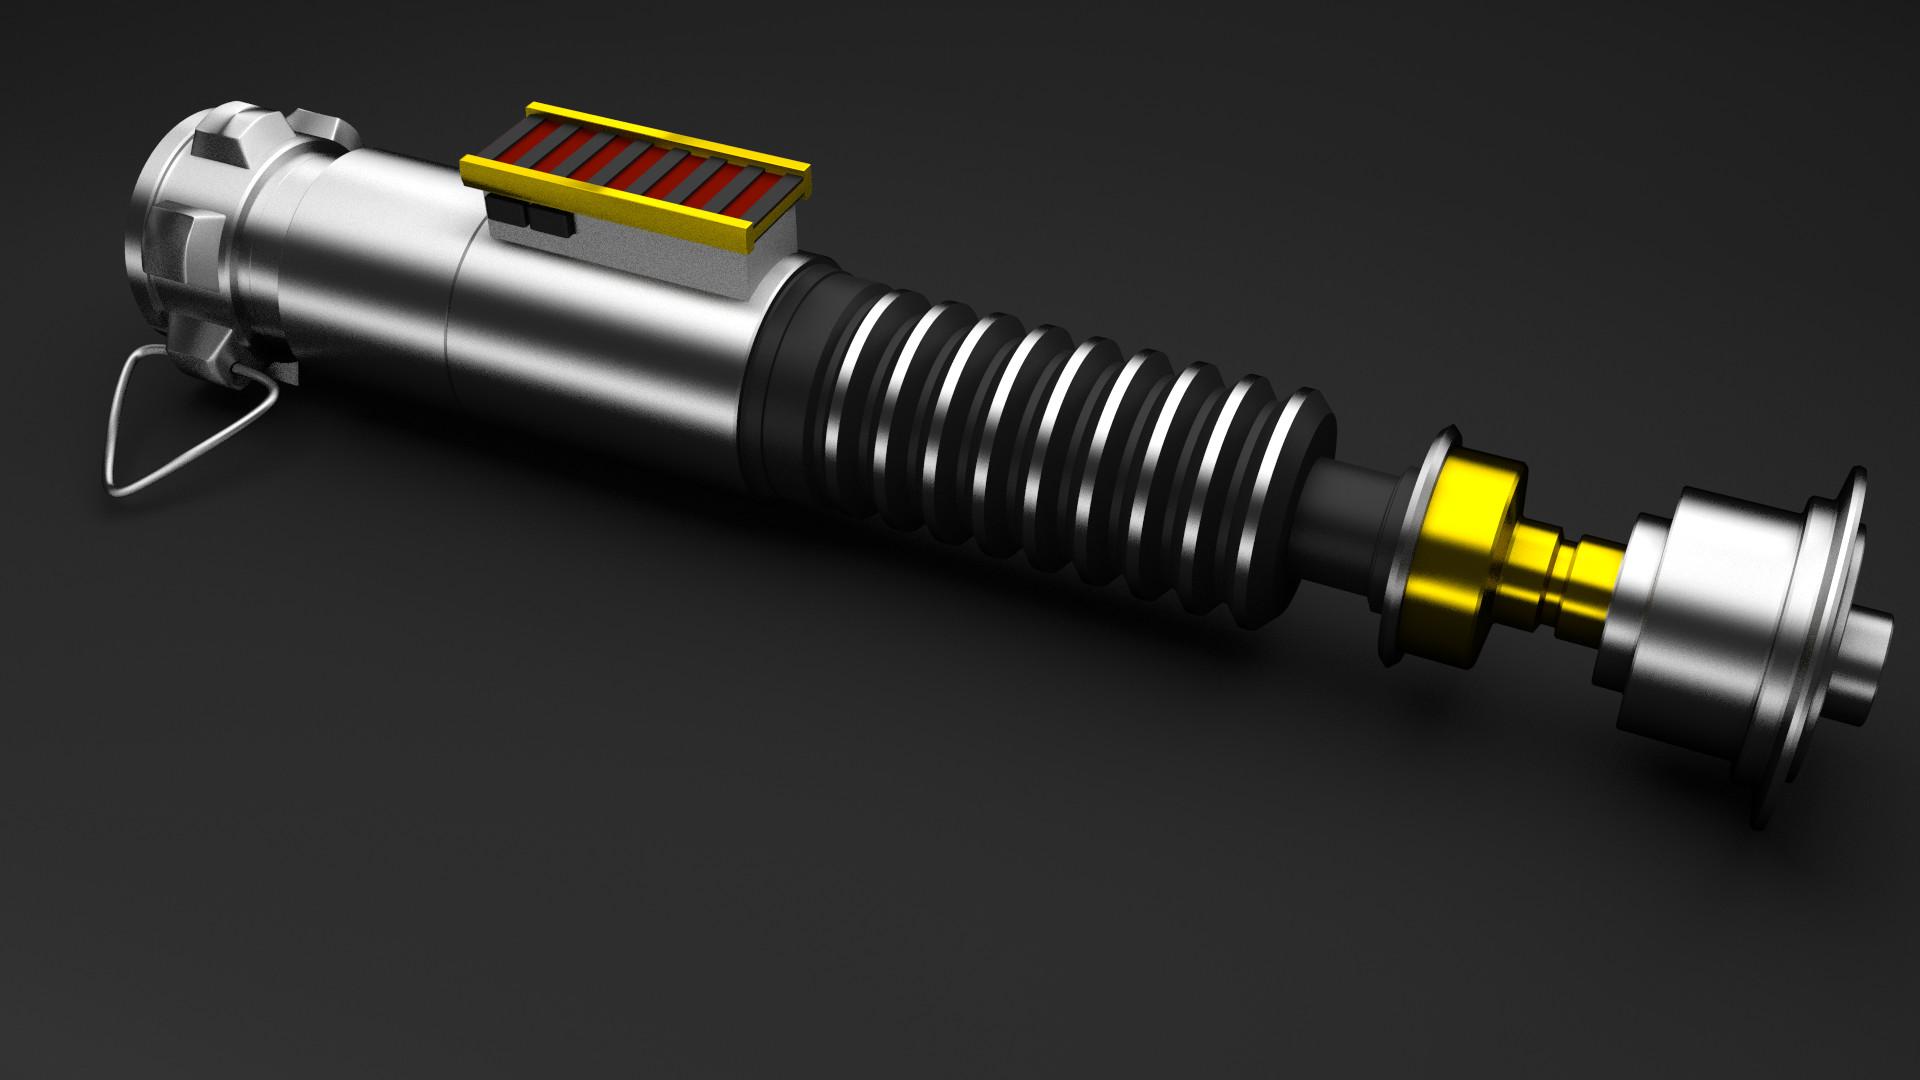 Luke's Lightsaber by RegusMartin Luke's Lightsaber by RegusMartin